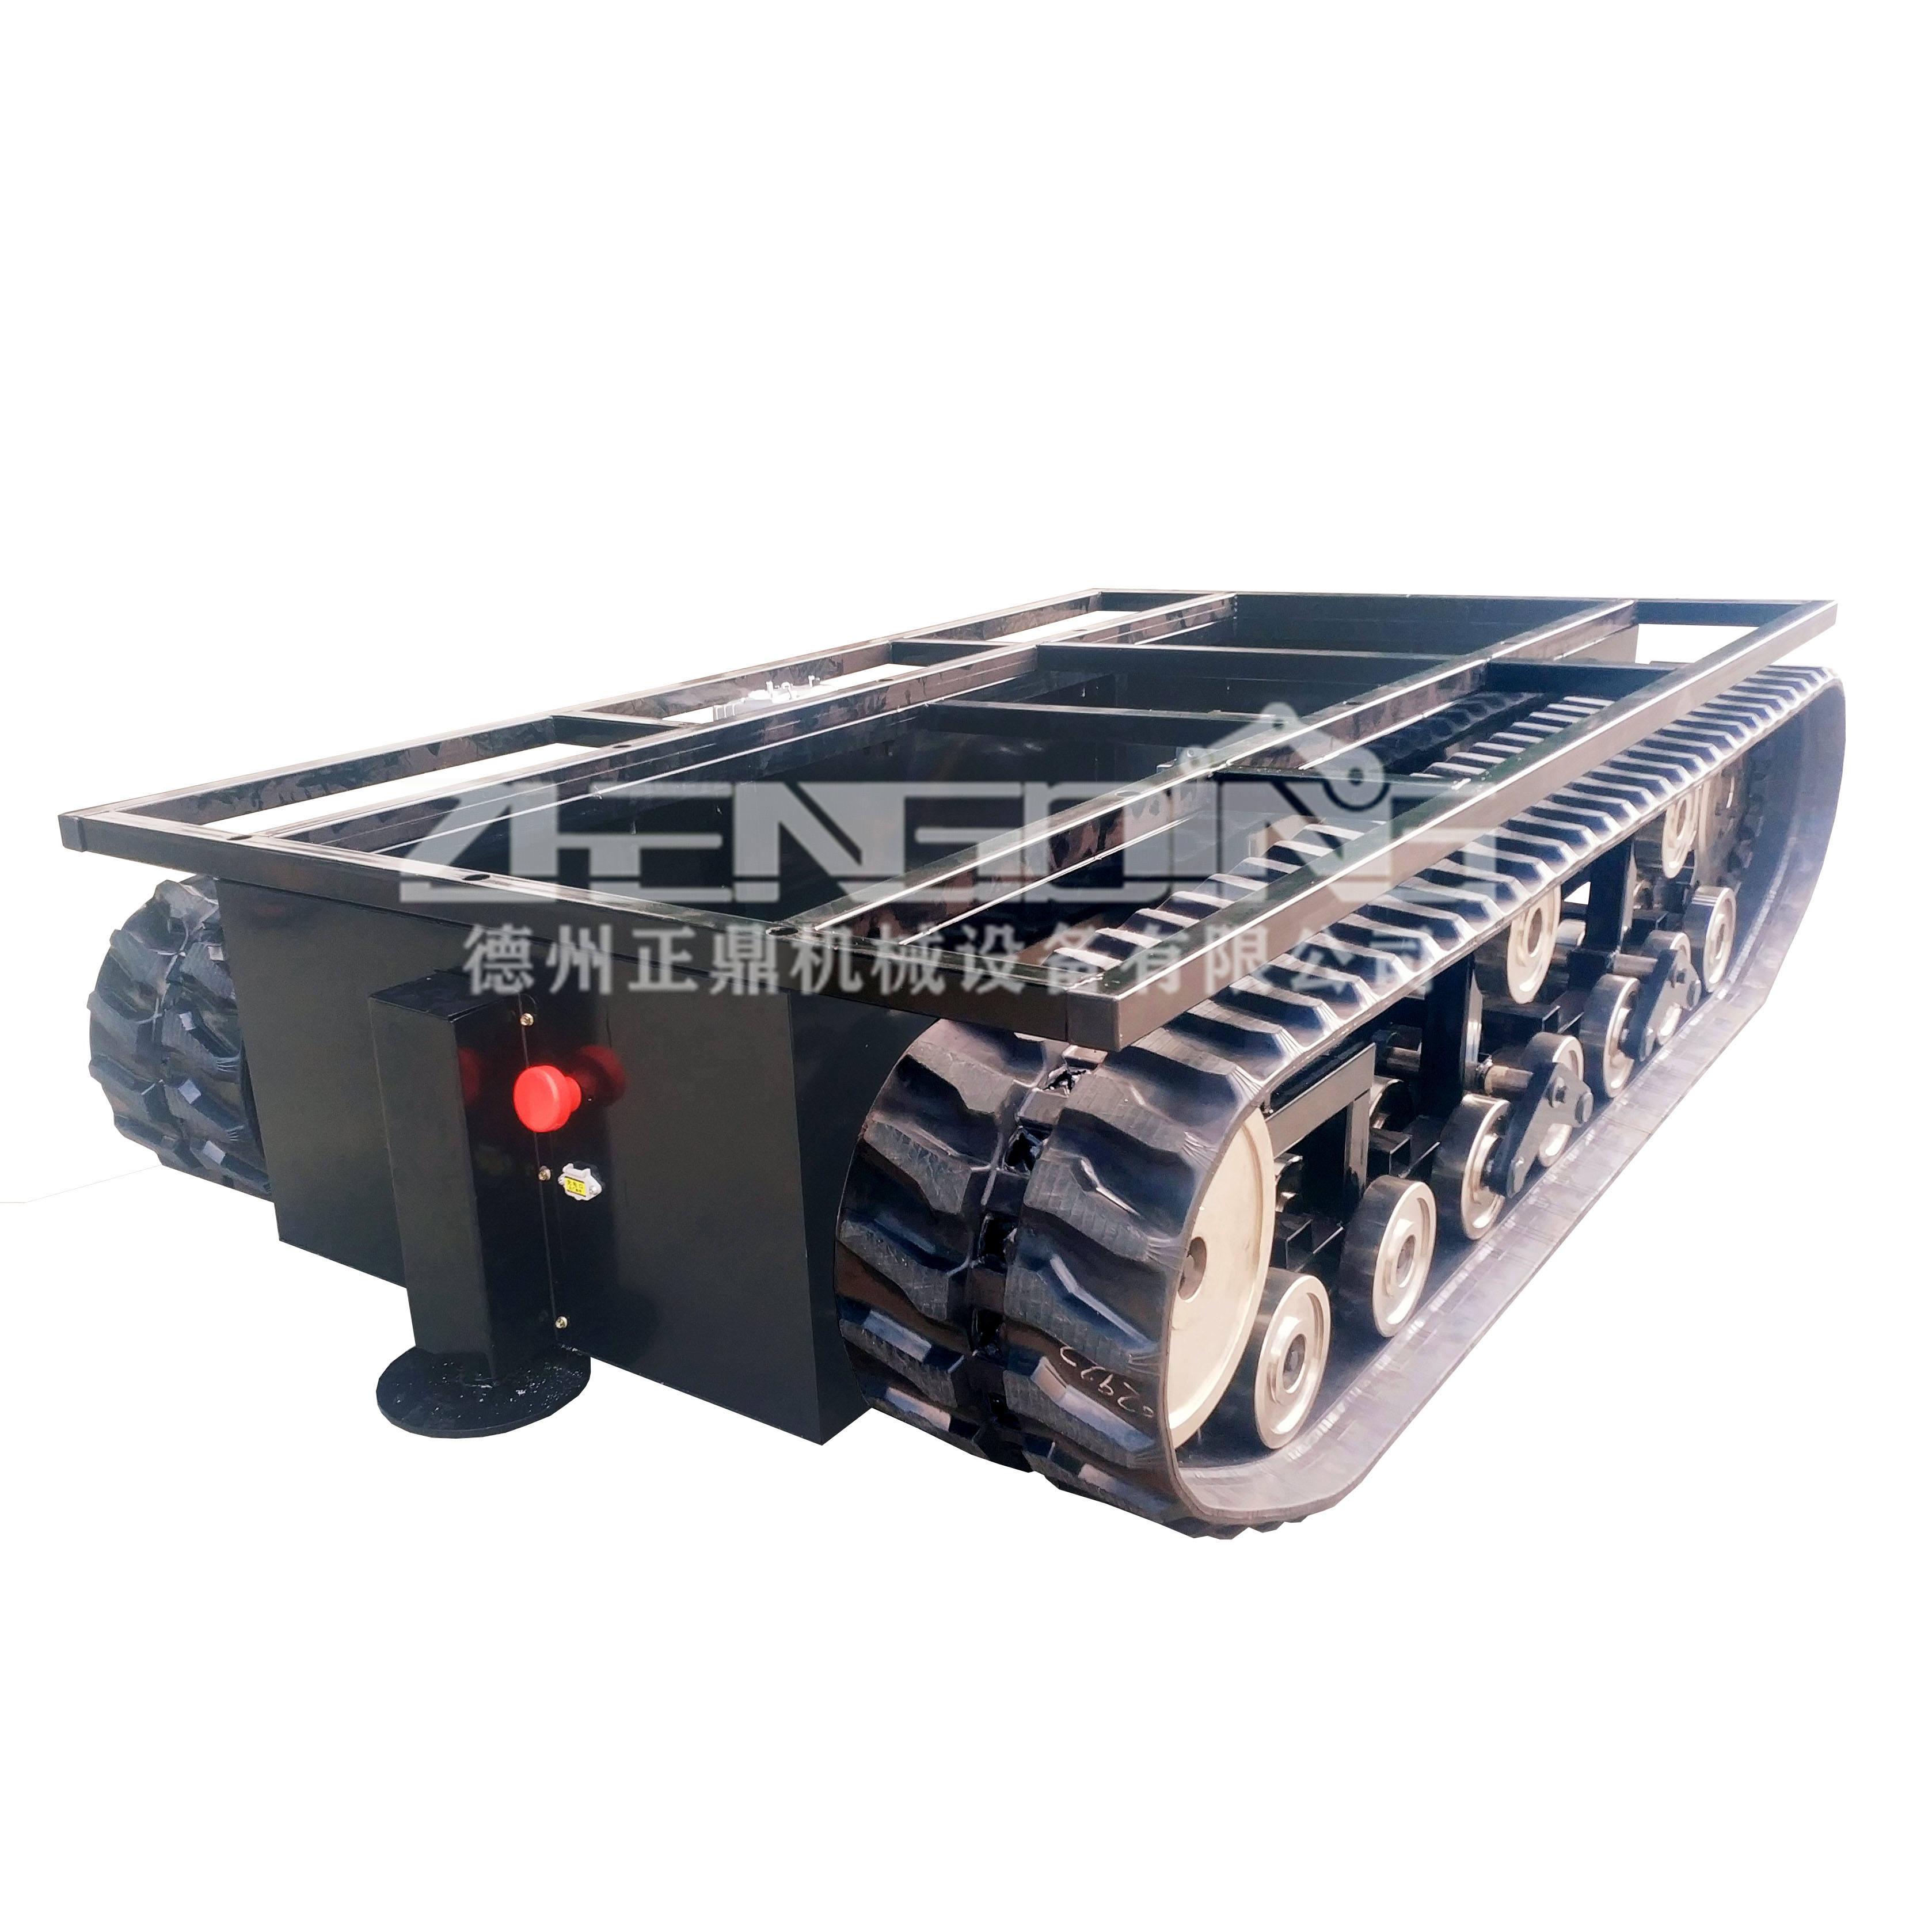 橡胶履带底盘多适用于小型轻工业和小型工程机械行业。